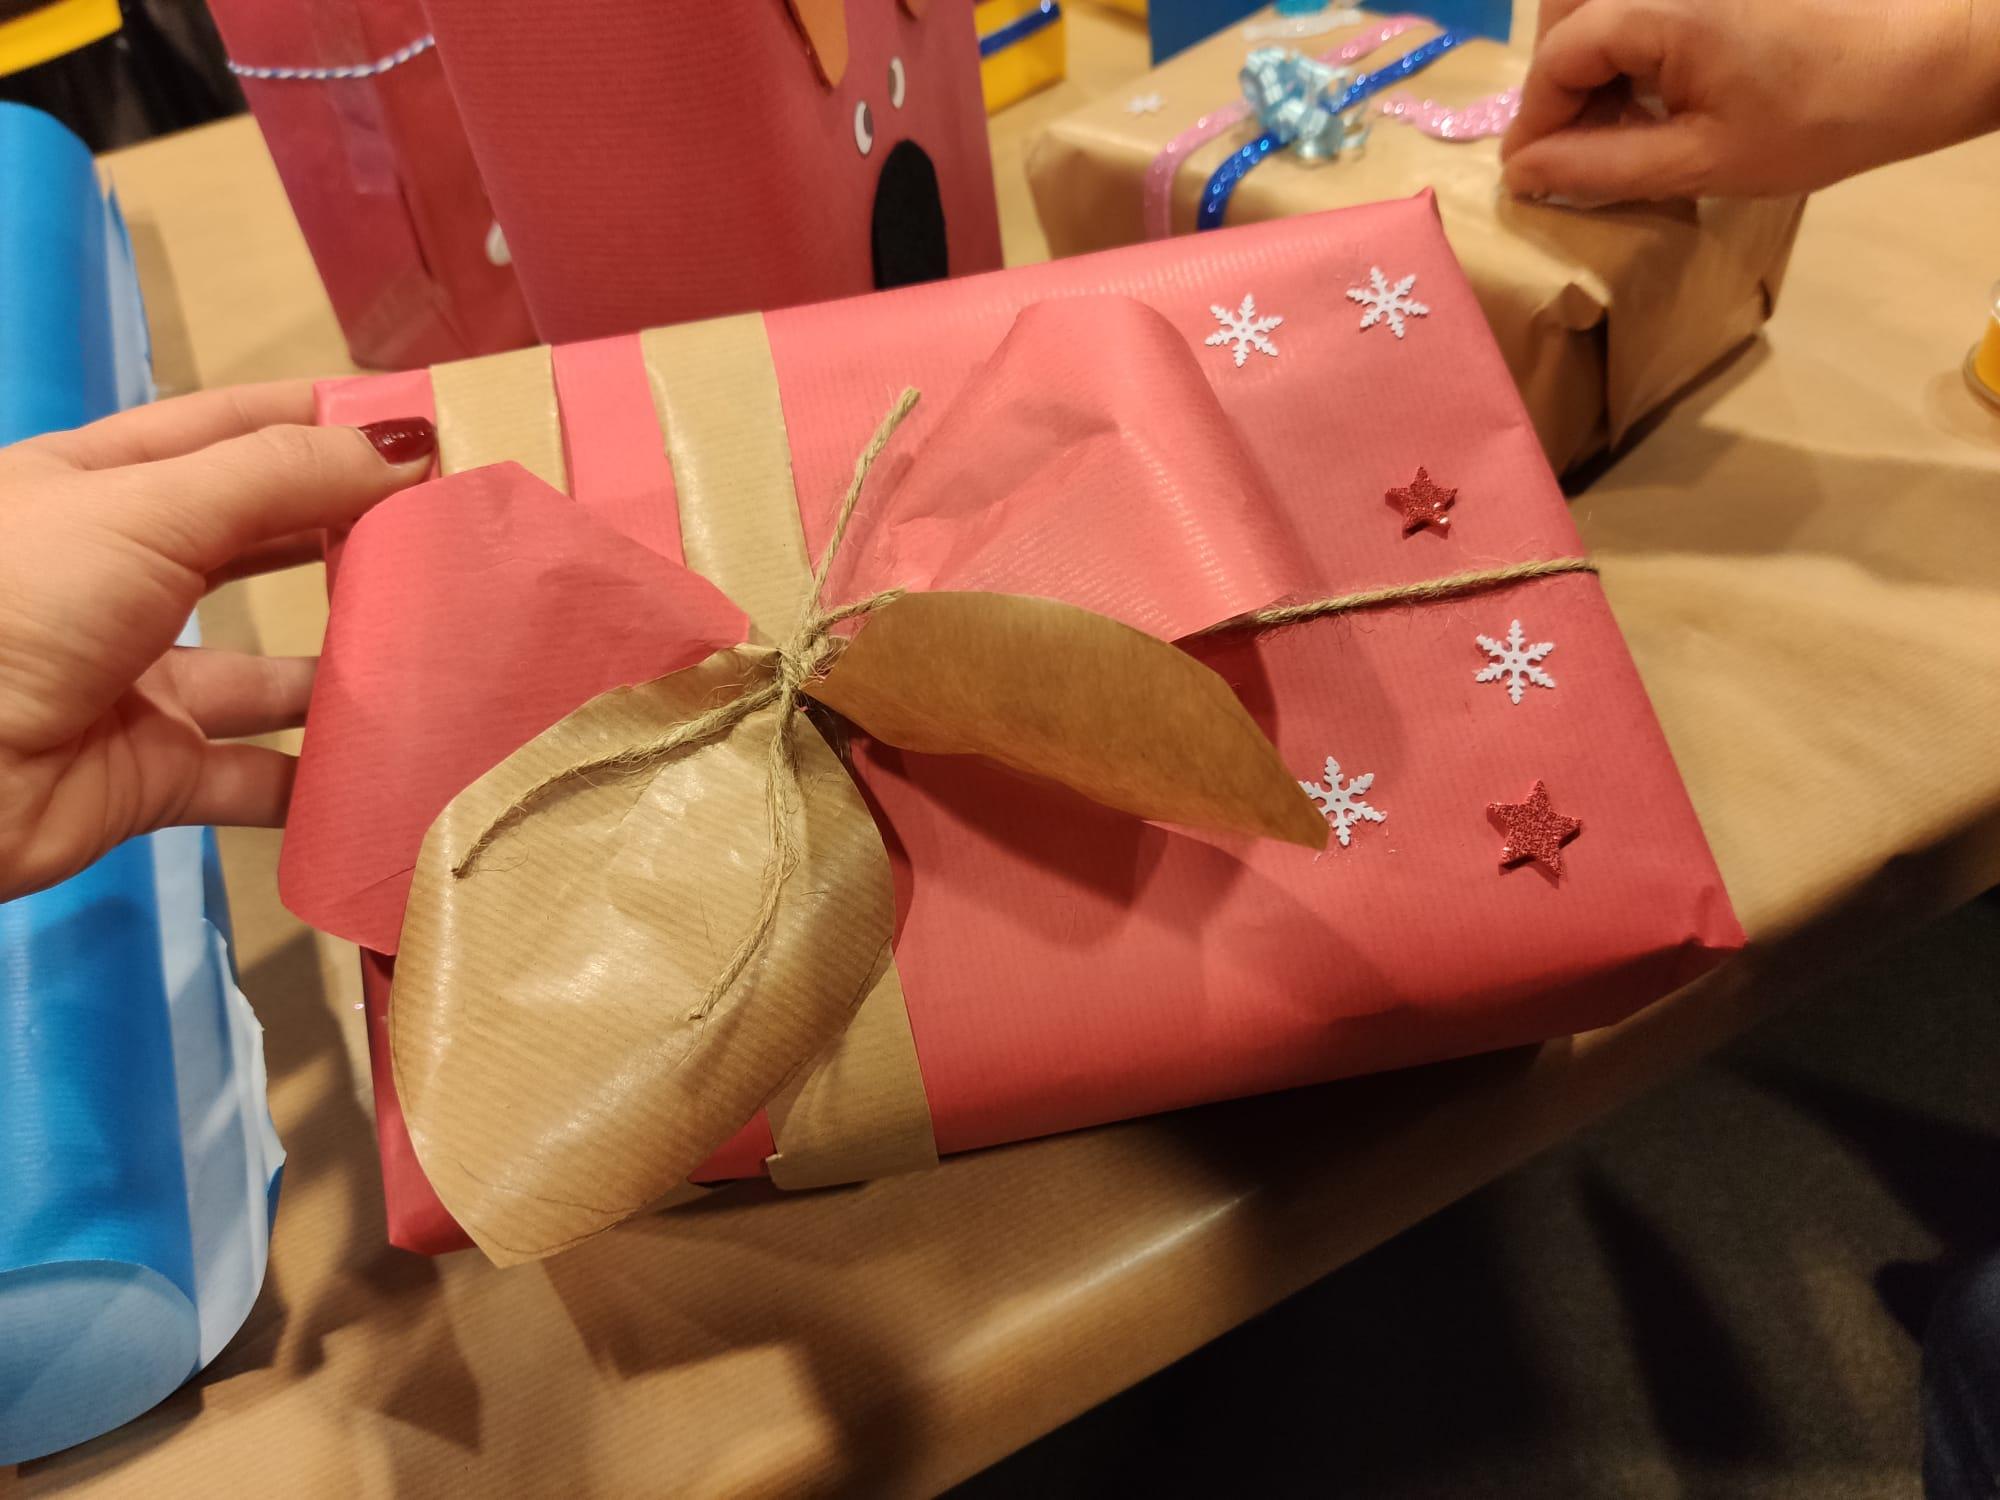 Taller d'embolicar regals